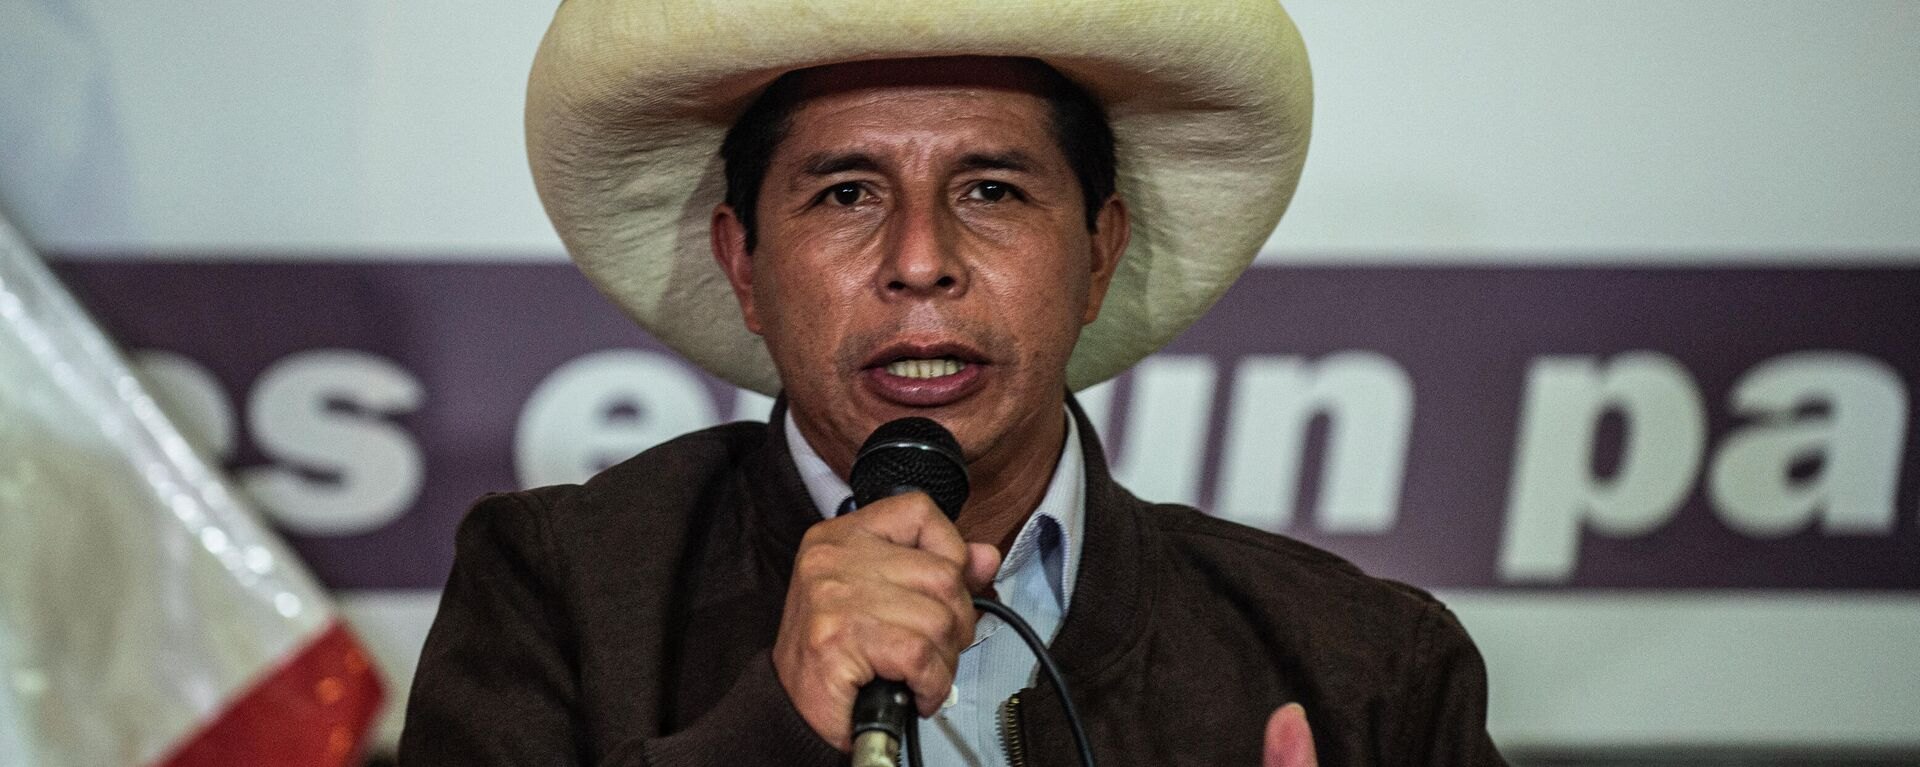 Pedro Castillo, presidente electo de Perú - Sputnik Mundo, 1920, 16.06.2021